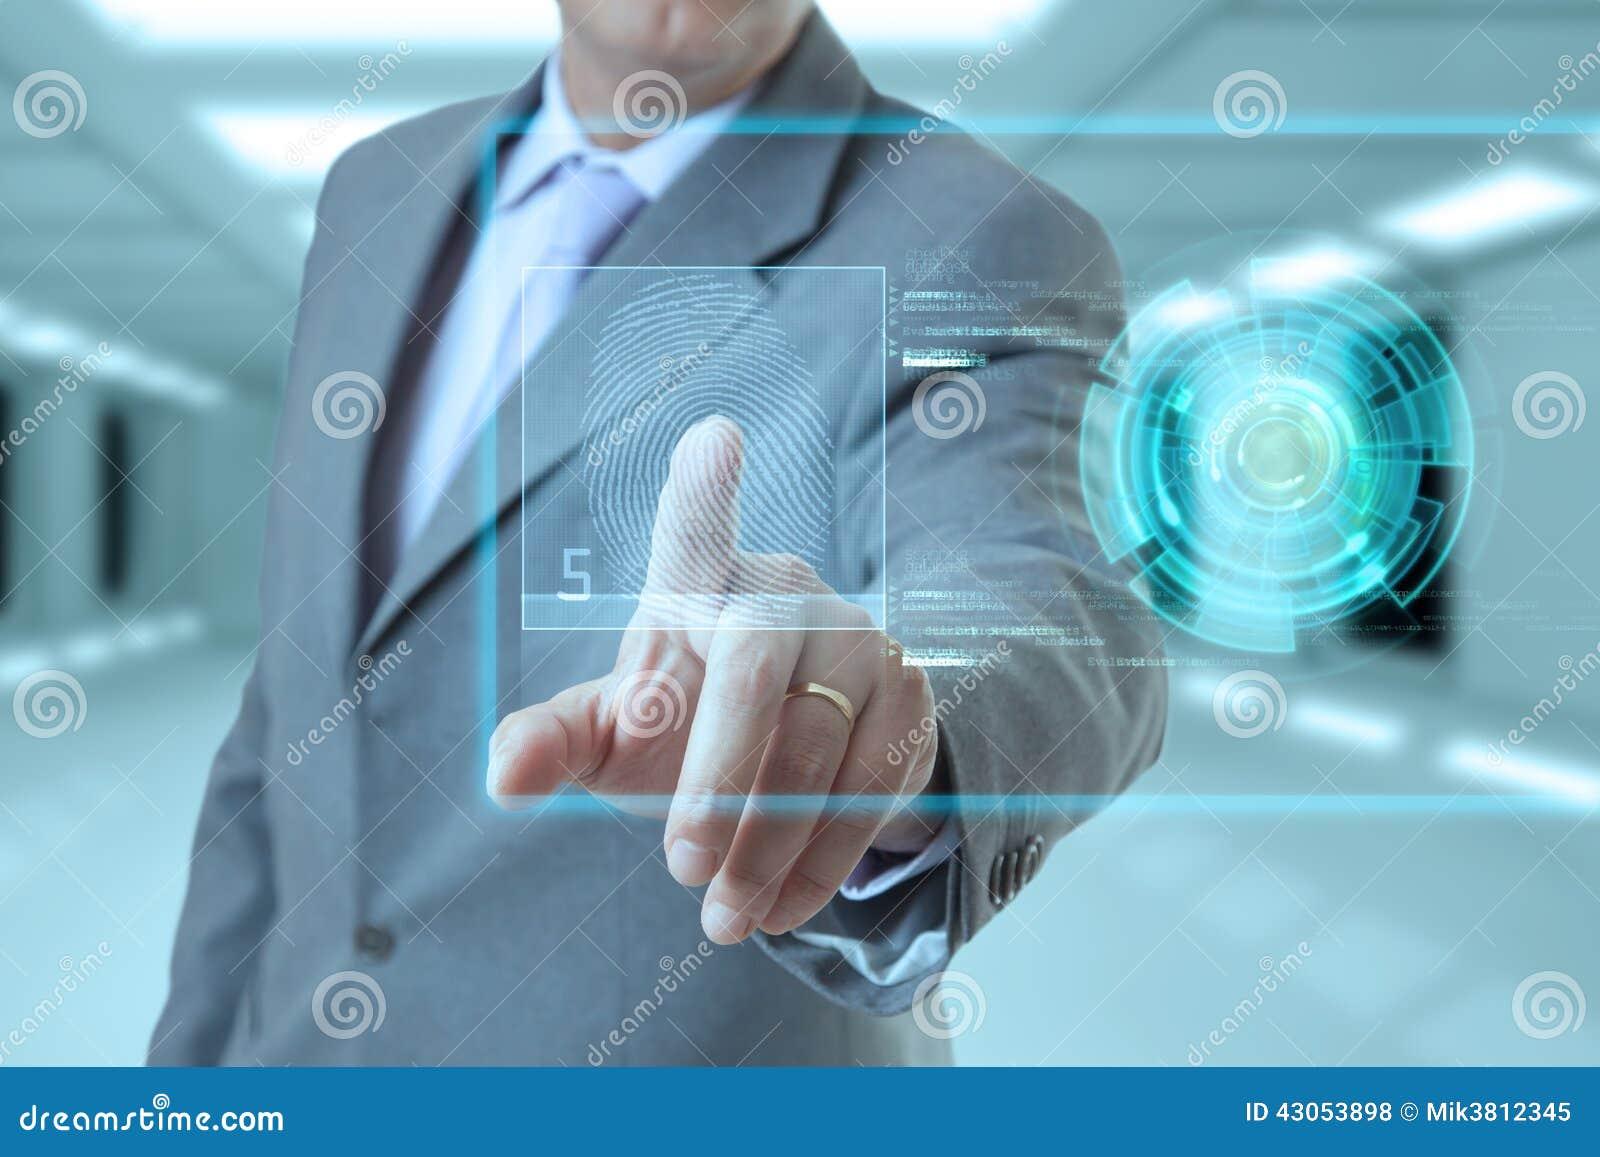 Hombre de negocios y huella dactilar